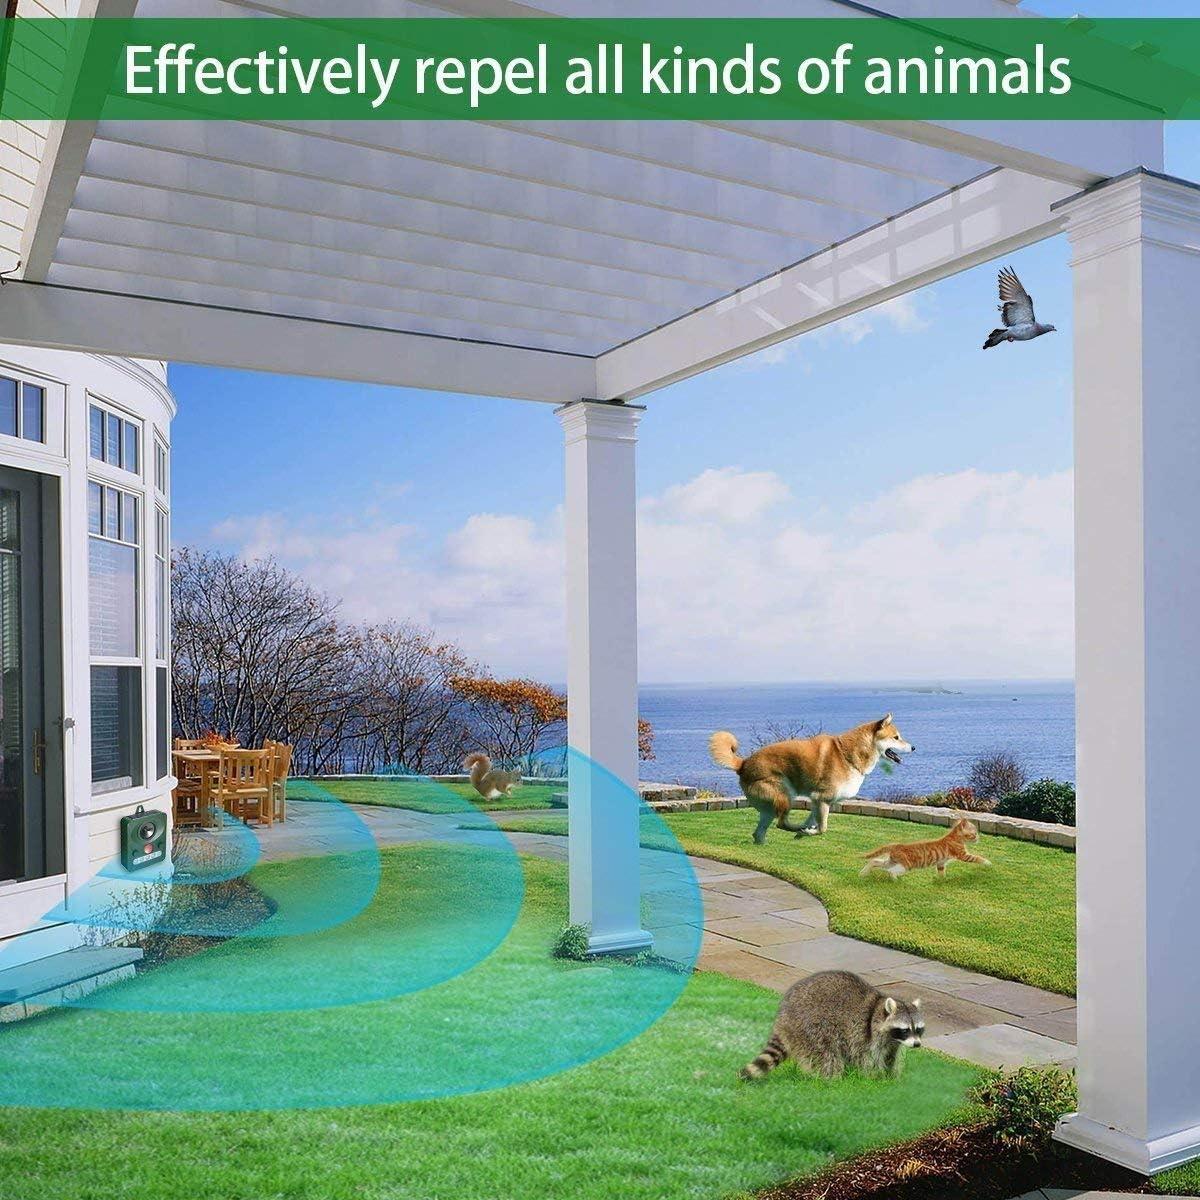 QKa Repelente Solar de Animales al Aire Libre, Repelente de plagas a Prueba de Agua Repelente ultrasónico de Animales con luz Intermitente LED, Proteja su jardín lejos de los Animales: Amazon.es: Deportes